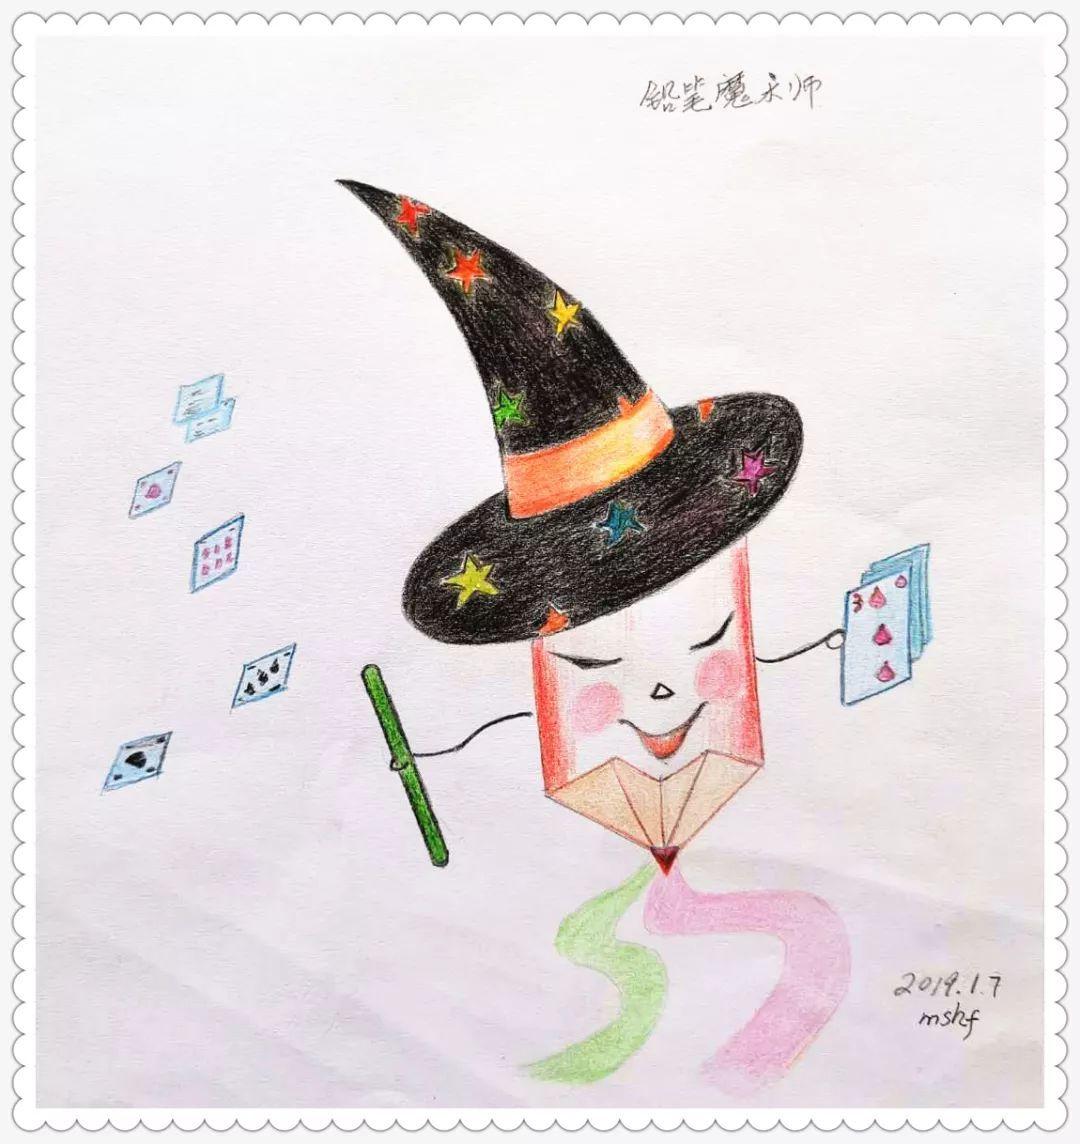 小年糕绘画训练营佳作来袭,喜气洋洋的祝福送给你